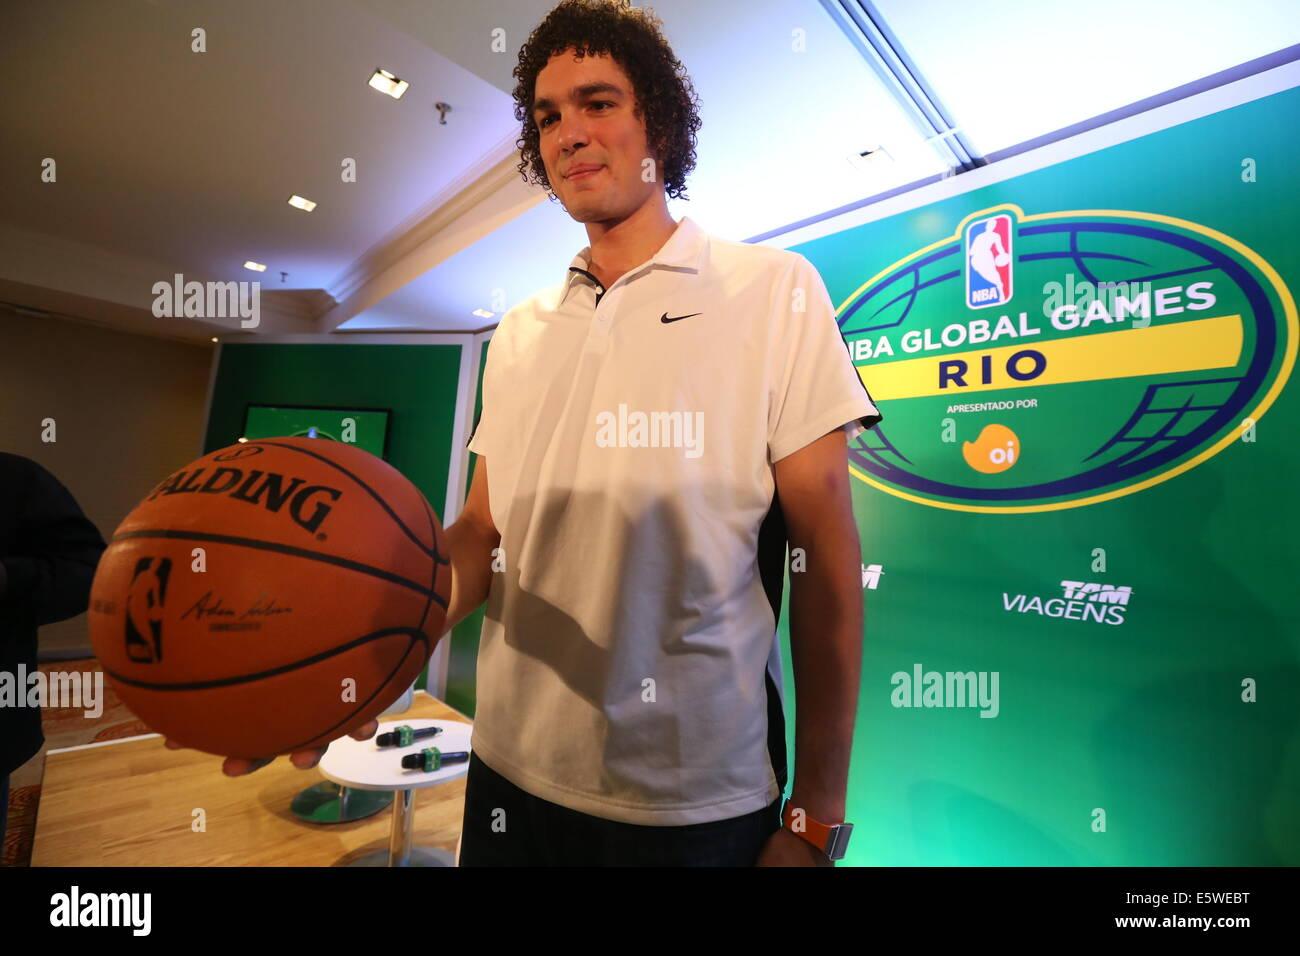 RJ - BASQUETE/NBA/Coletiva - ESPORTES - O jogador brasileiro Anderson Varejão, ala/pivô hacer Cleveland Imagen De Stock